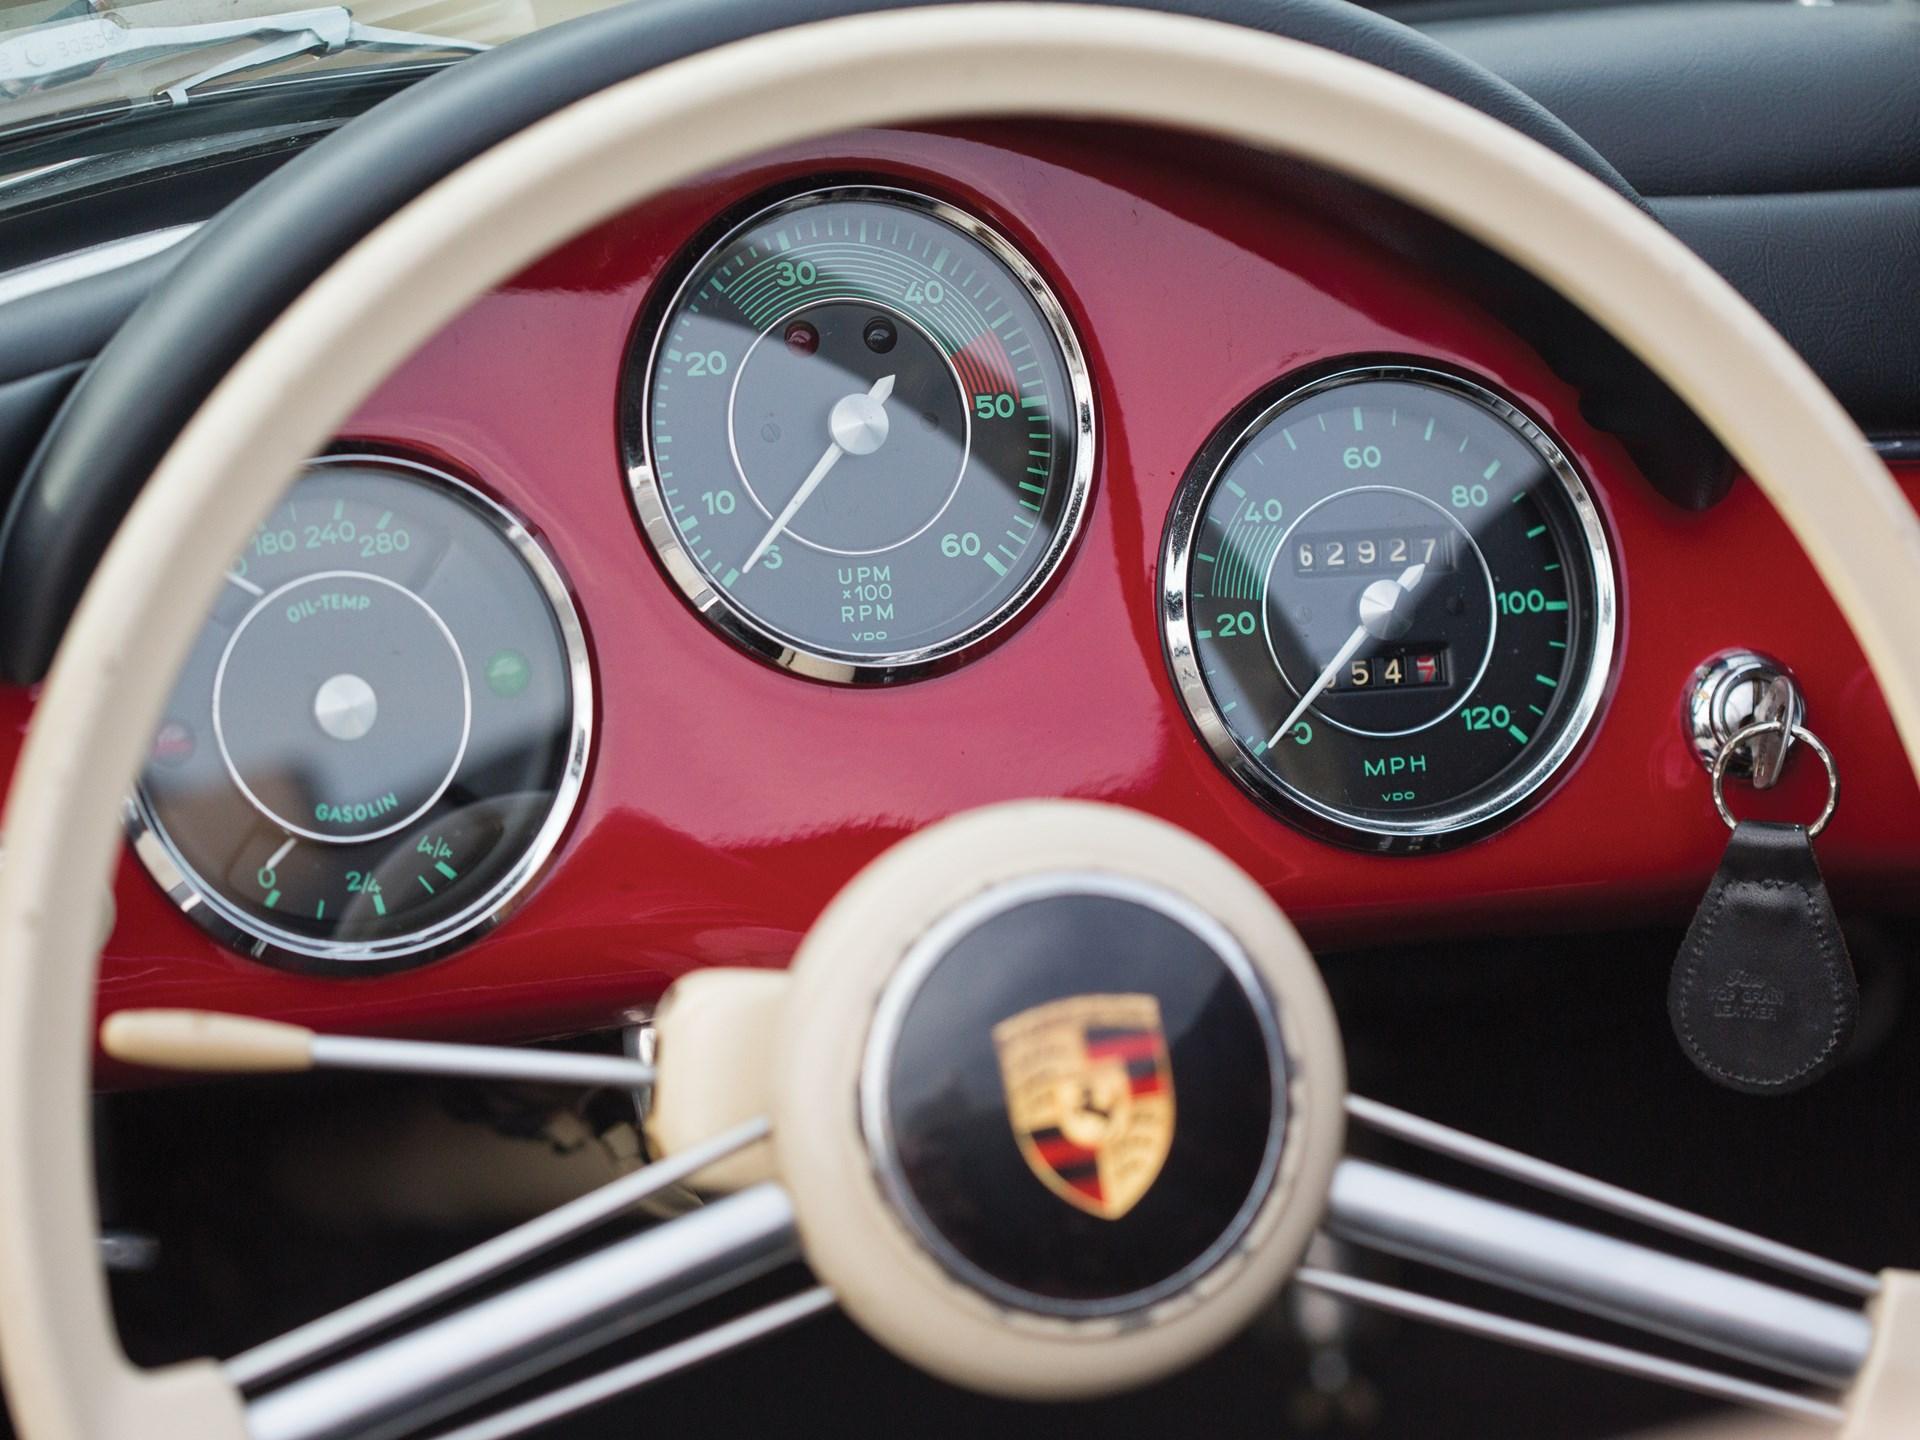 1959 Porsche 356 A 1600 Convertible D by Drauz